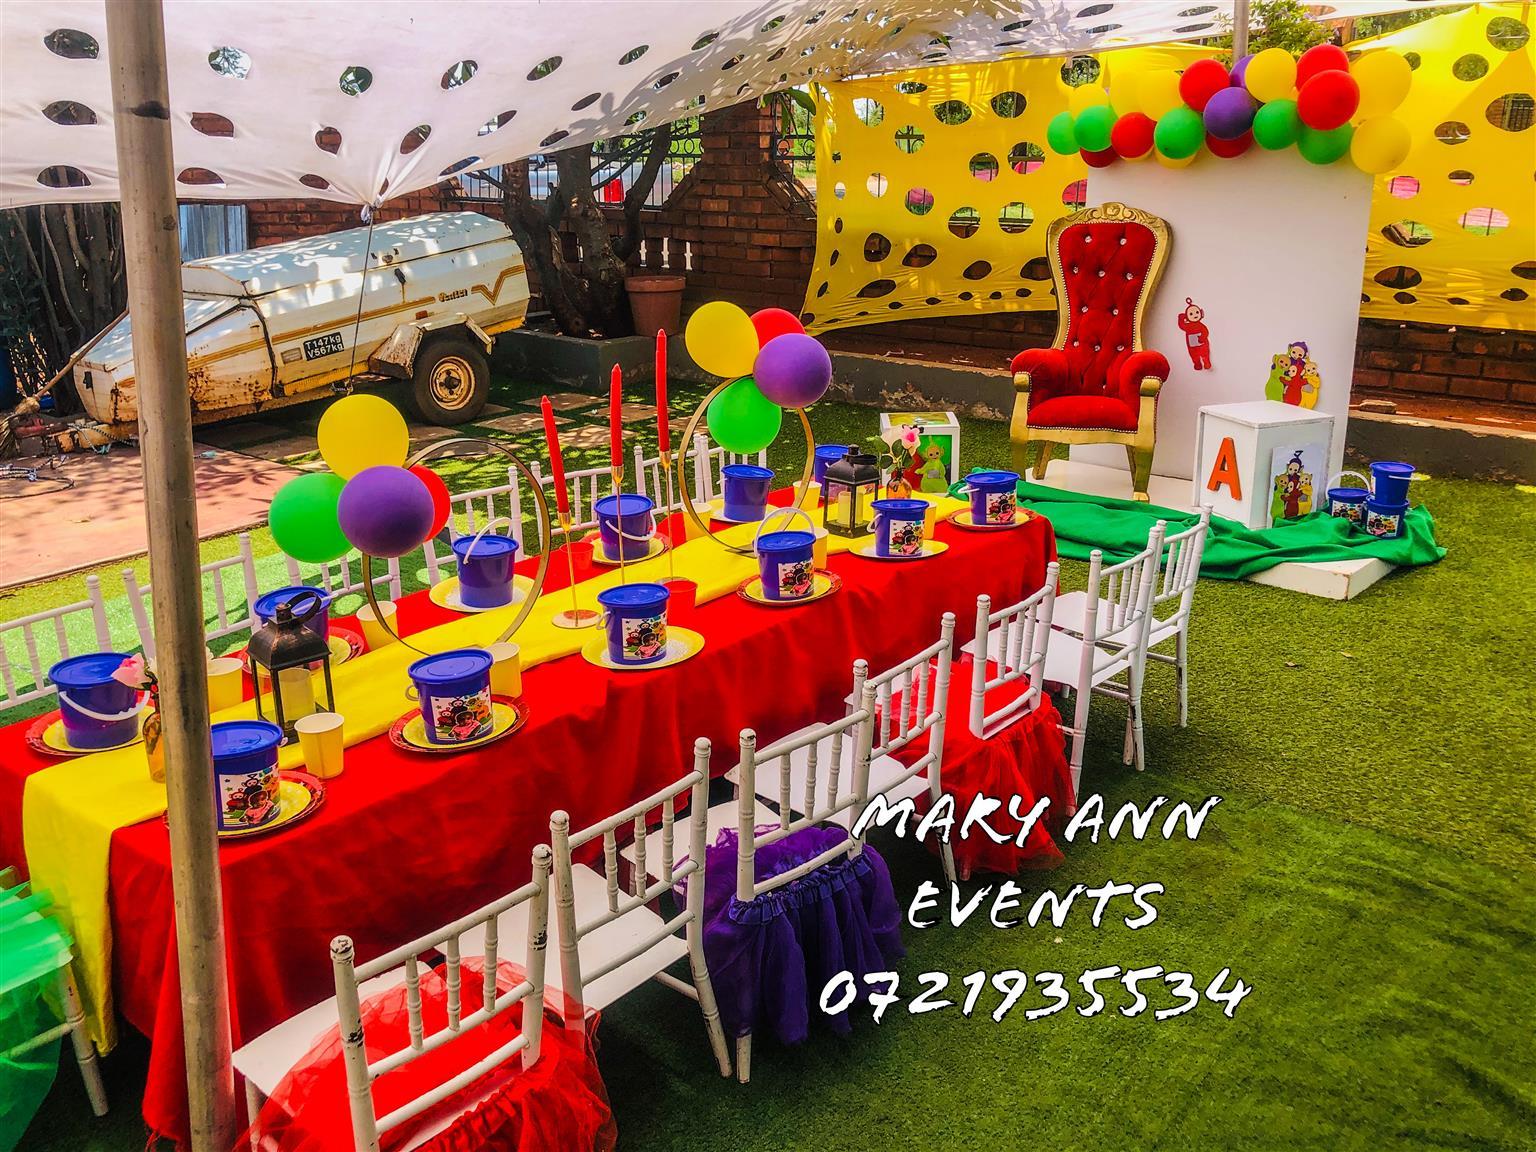 Mary Ann Events